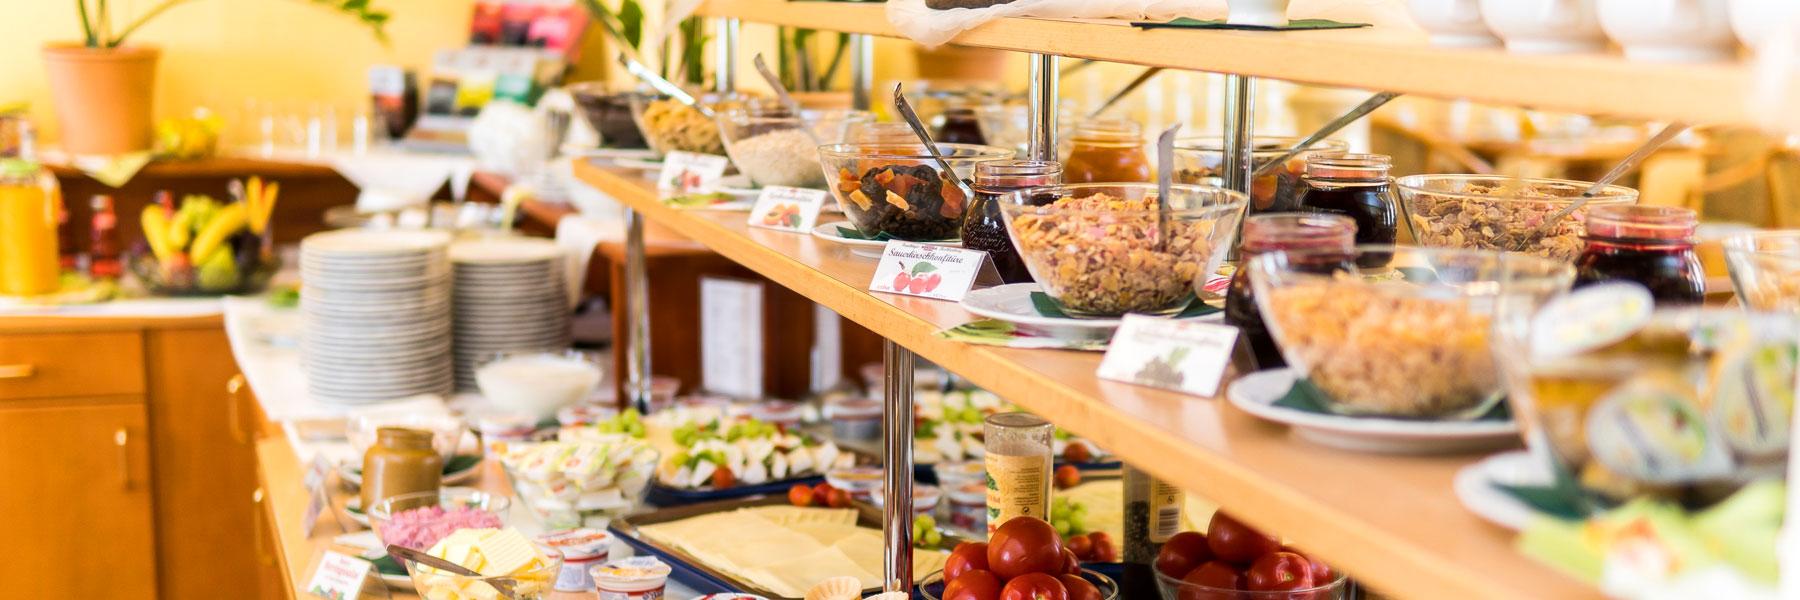 Frühstücksbuffet - Hotel Am Schloß